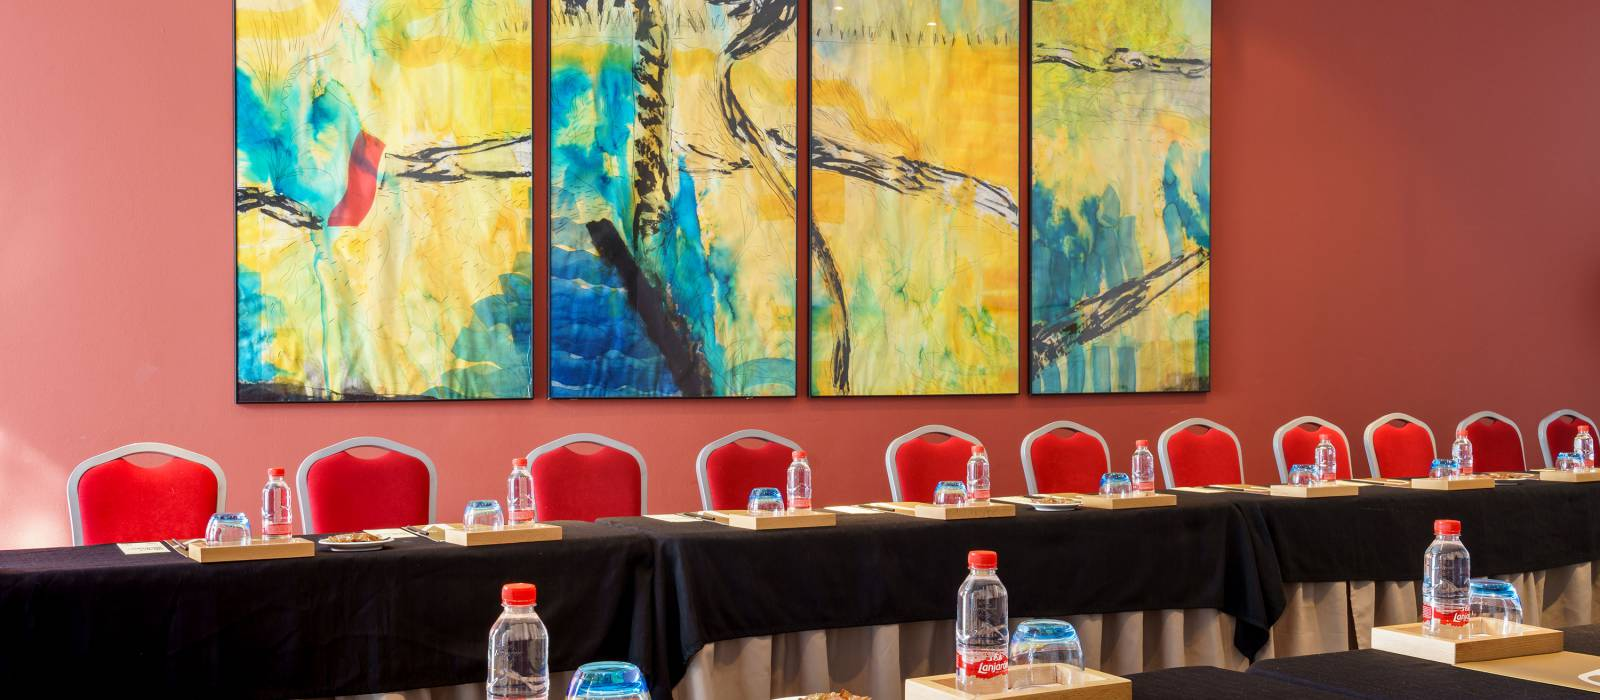 Servizi Hotel Malaga - Hotel Vincci - Il salone